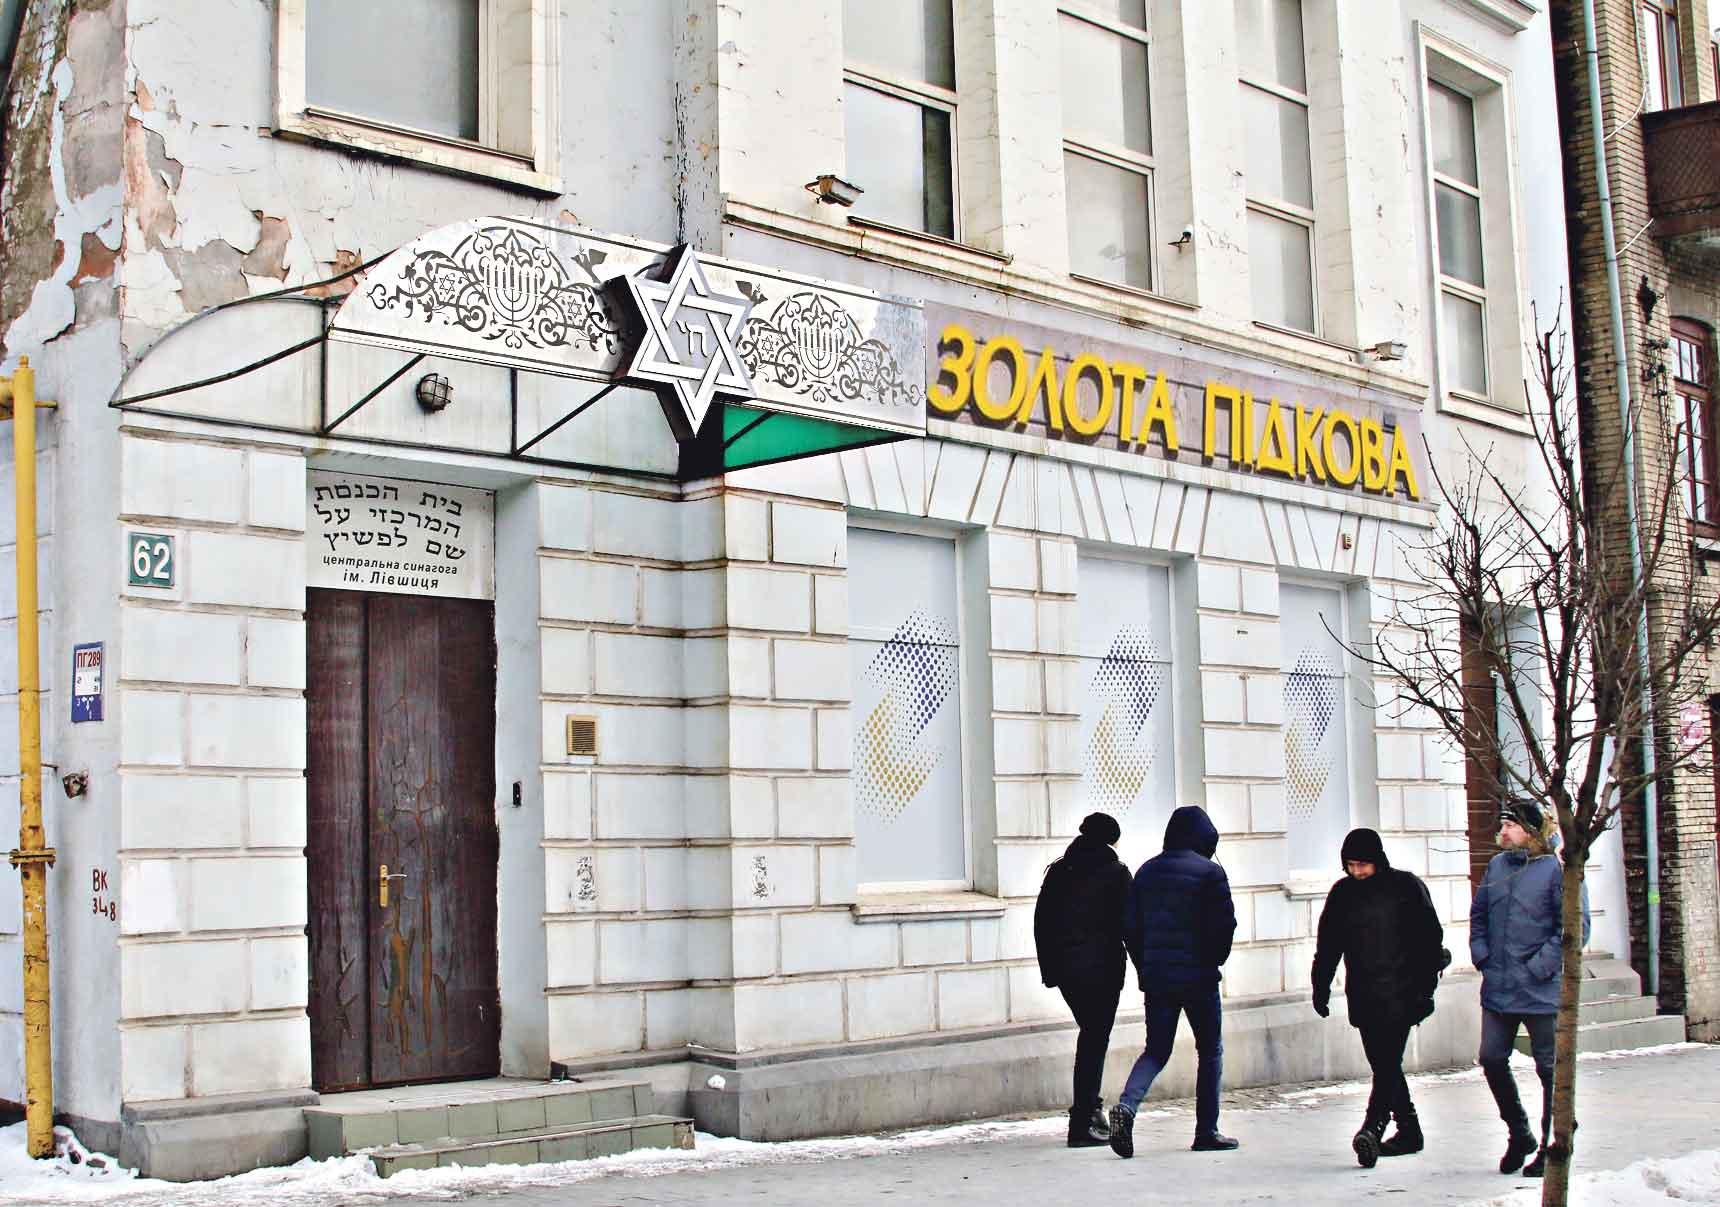 Гральний зал в синагозі? Це шок, про який вже знає вся Україна та весь єврейський світ. (відео)